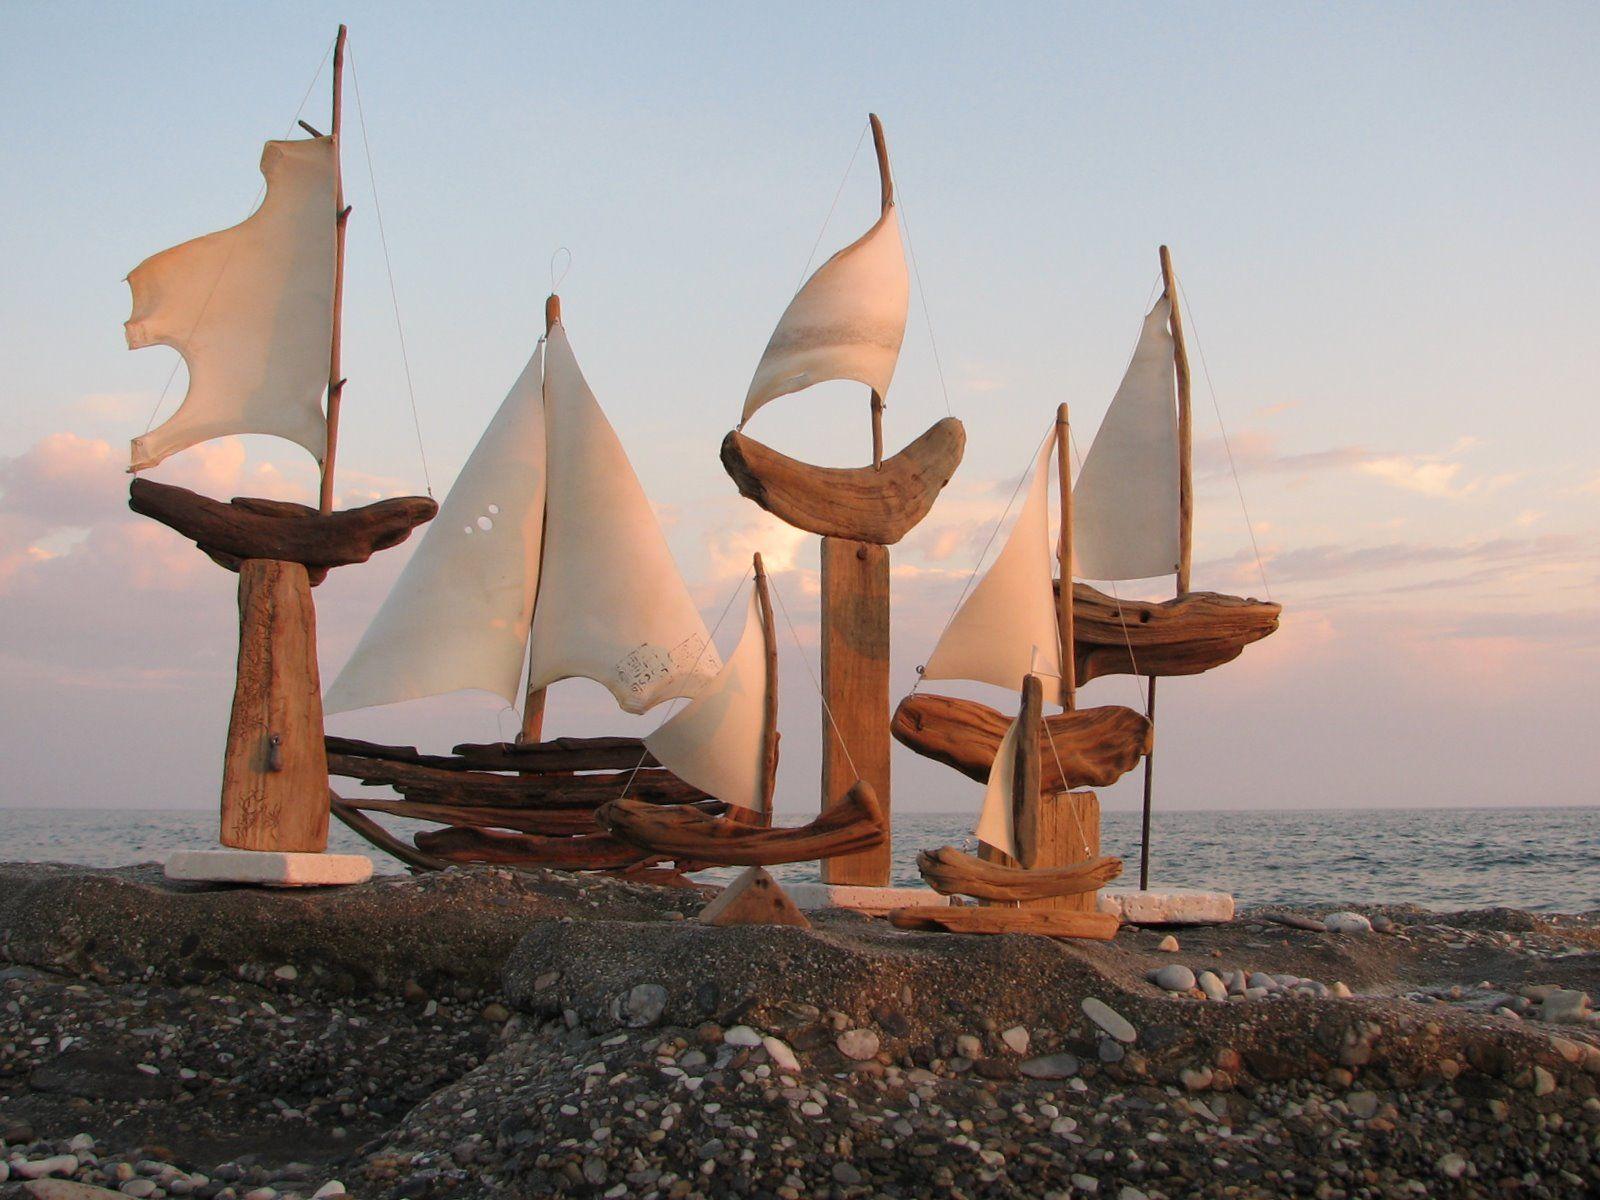 Çerçöp Zanaatı- Driftwood-art- Treibholzkunst- L' art du bois flotté